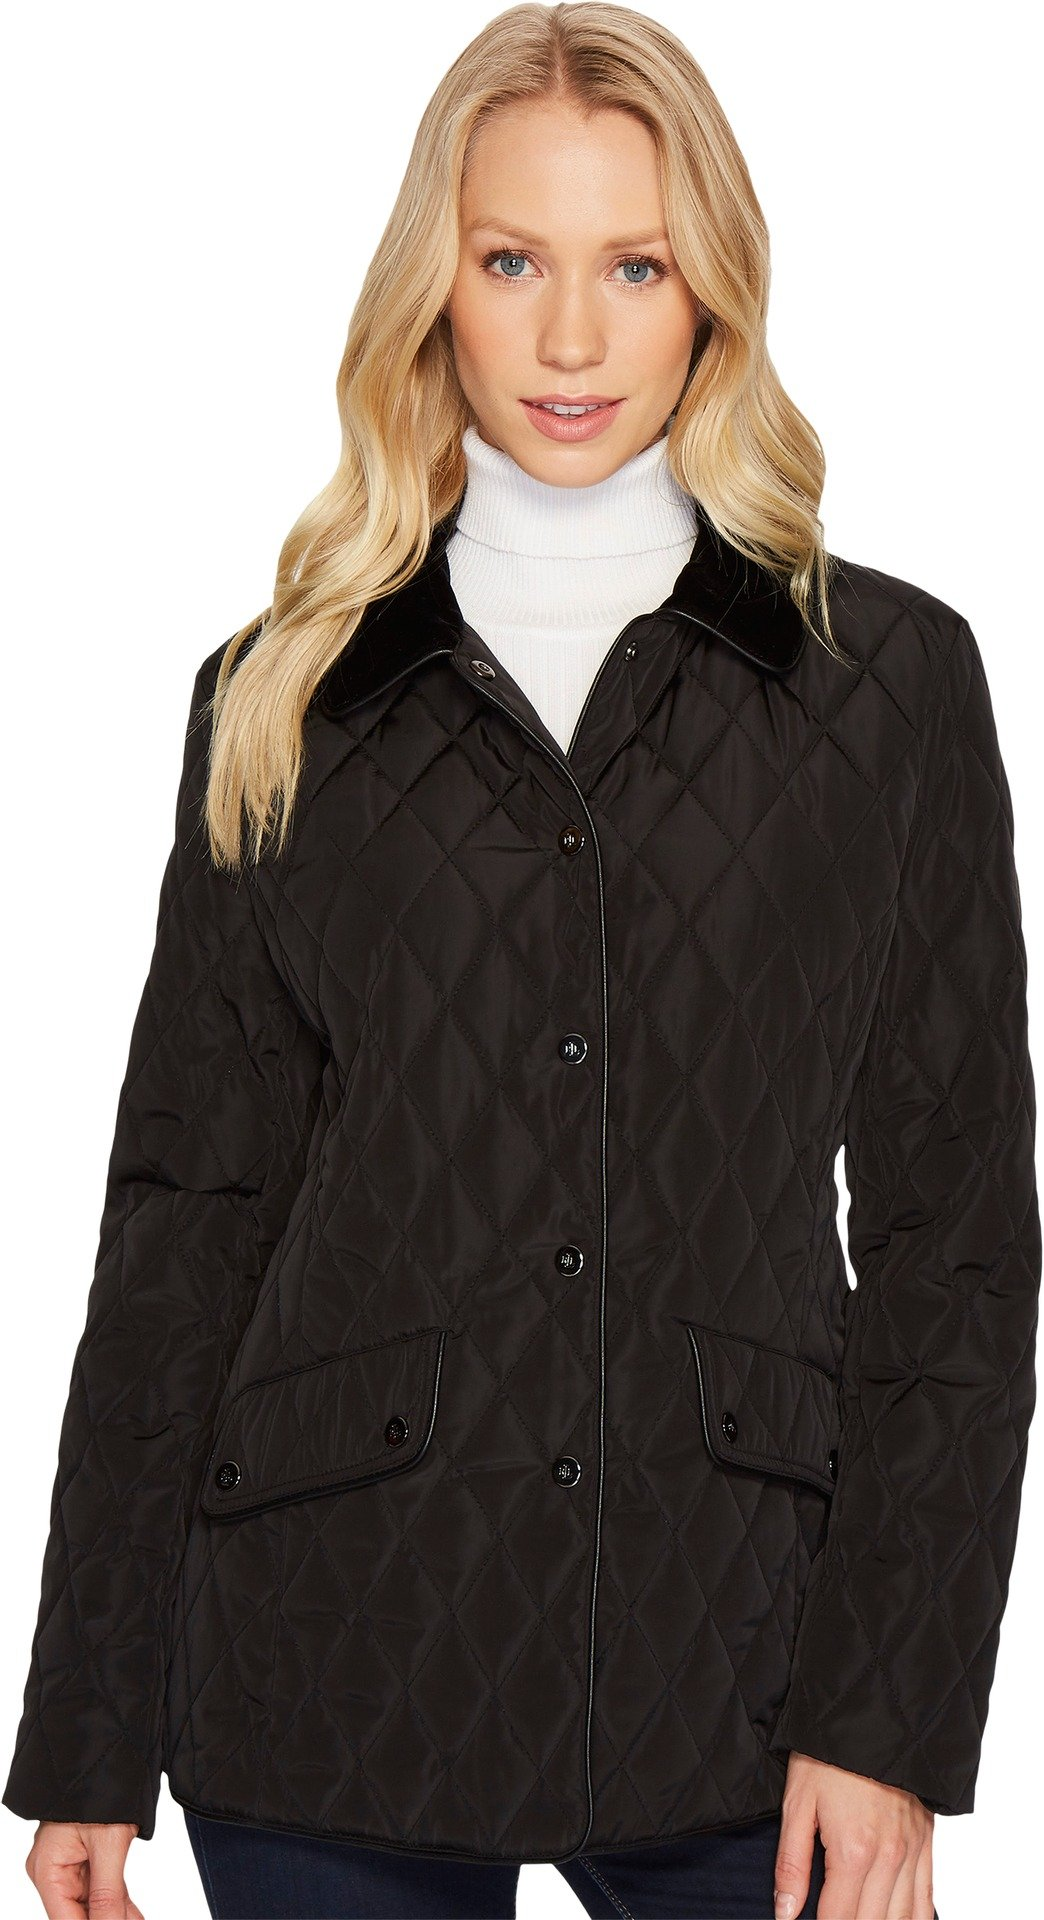 LAUREN Ralph Lauren Womens Velvet Trim Heritage Blazer Quilt Black LG One Size by Lauren by Ralph Lauren